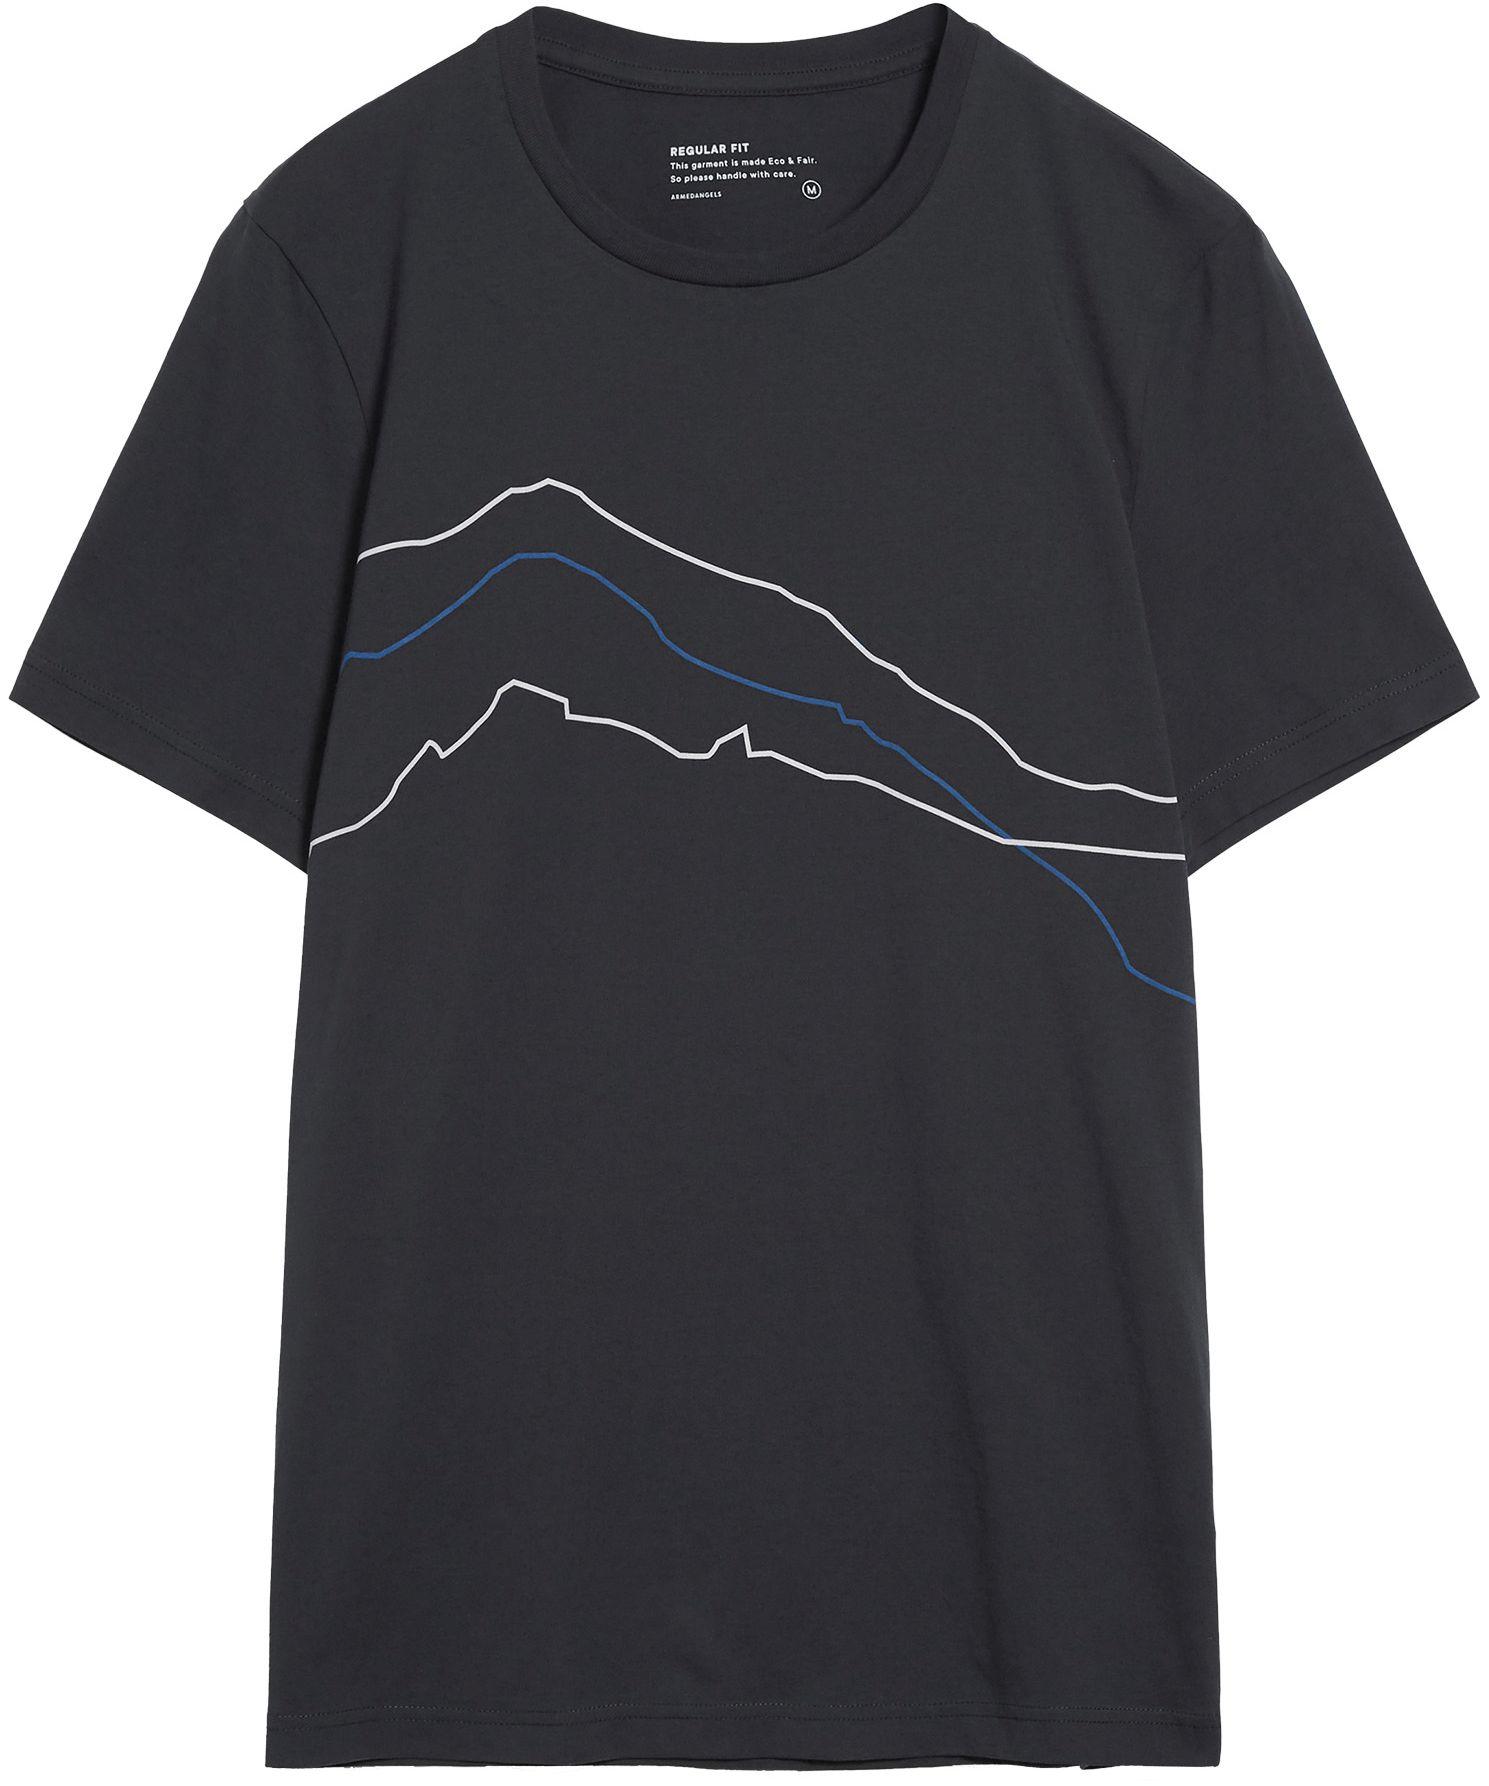 Herren-Shirt JAAMES MOUNTAIN LINES acid black